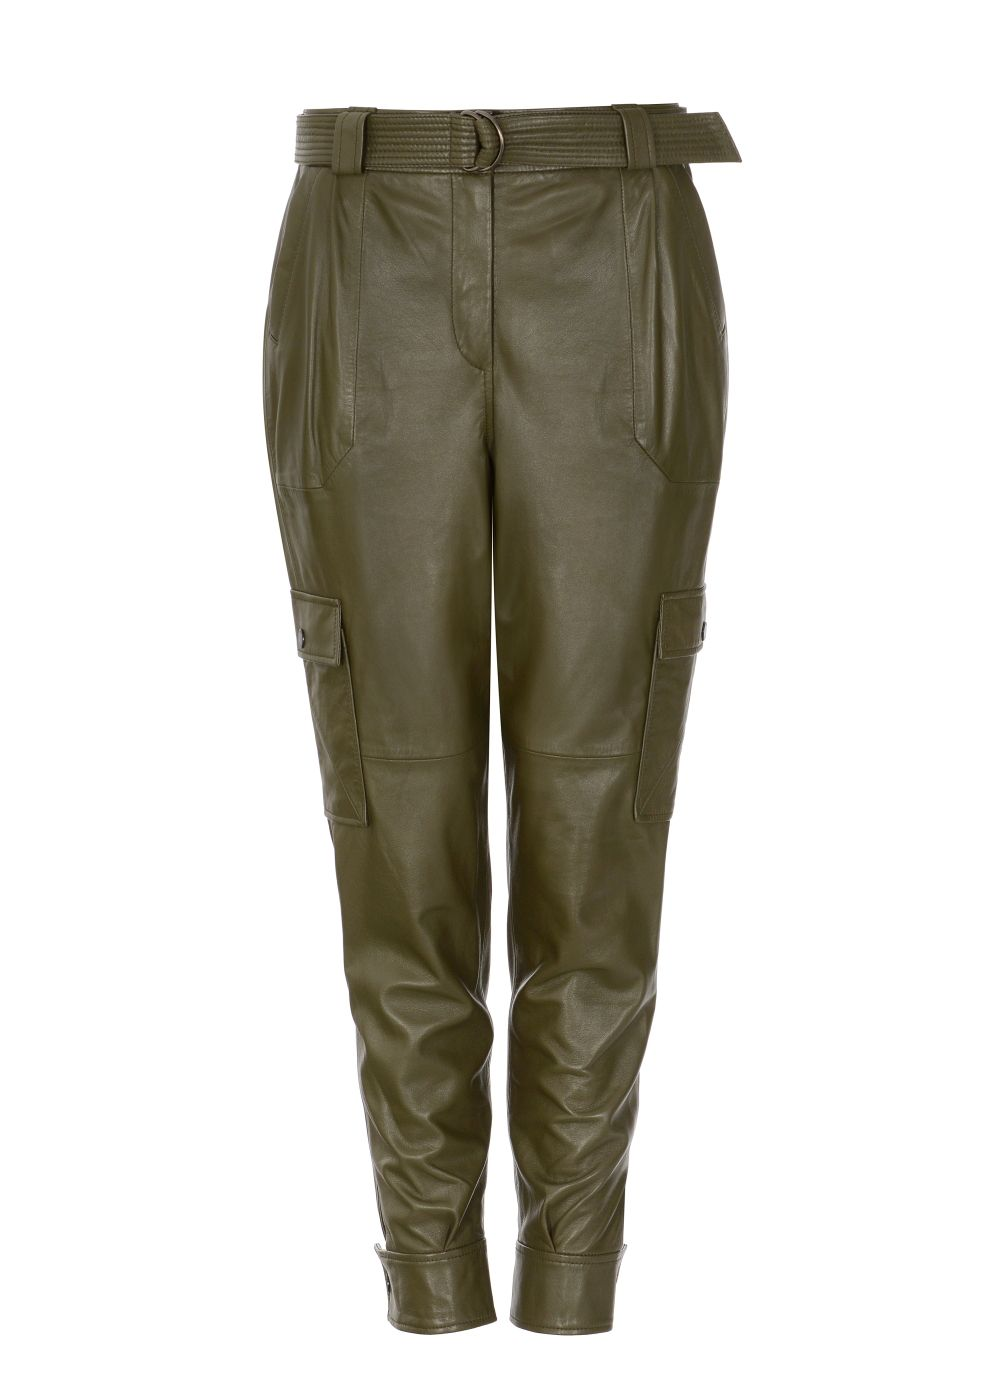 Spodnie damskie SPODS-0019-0989(Z20)